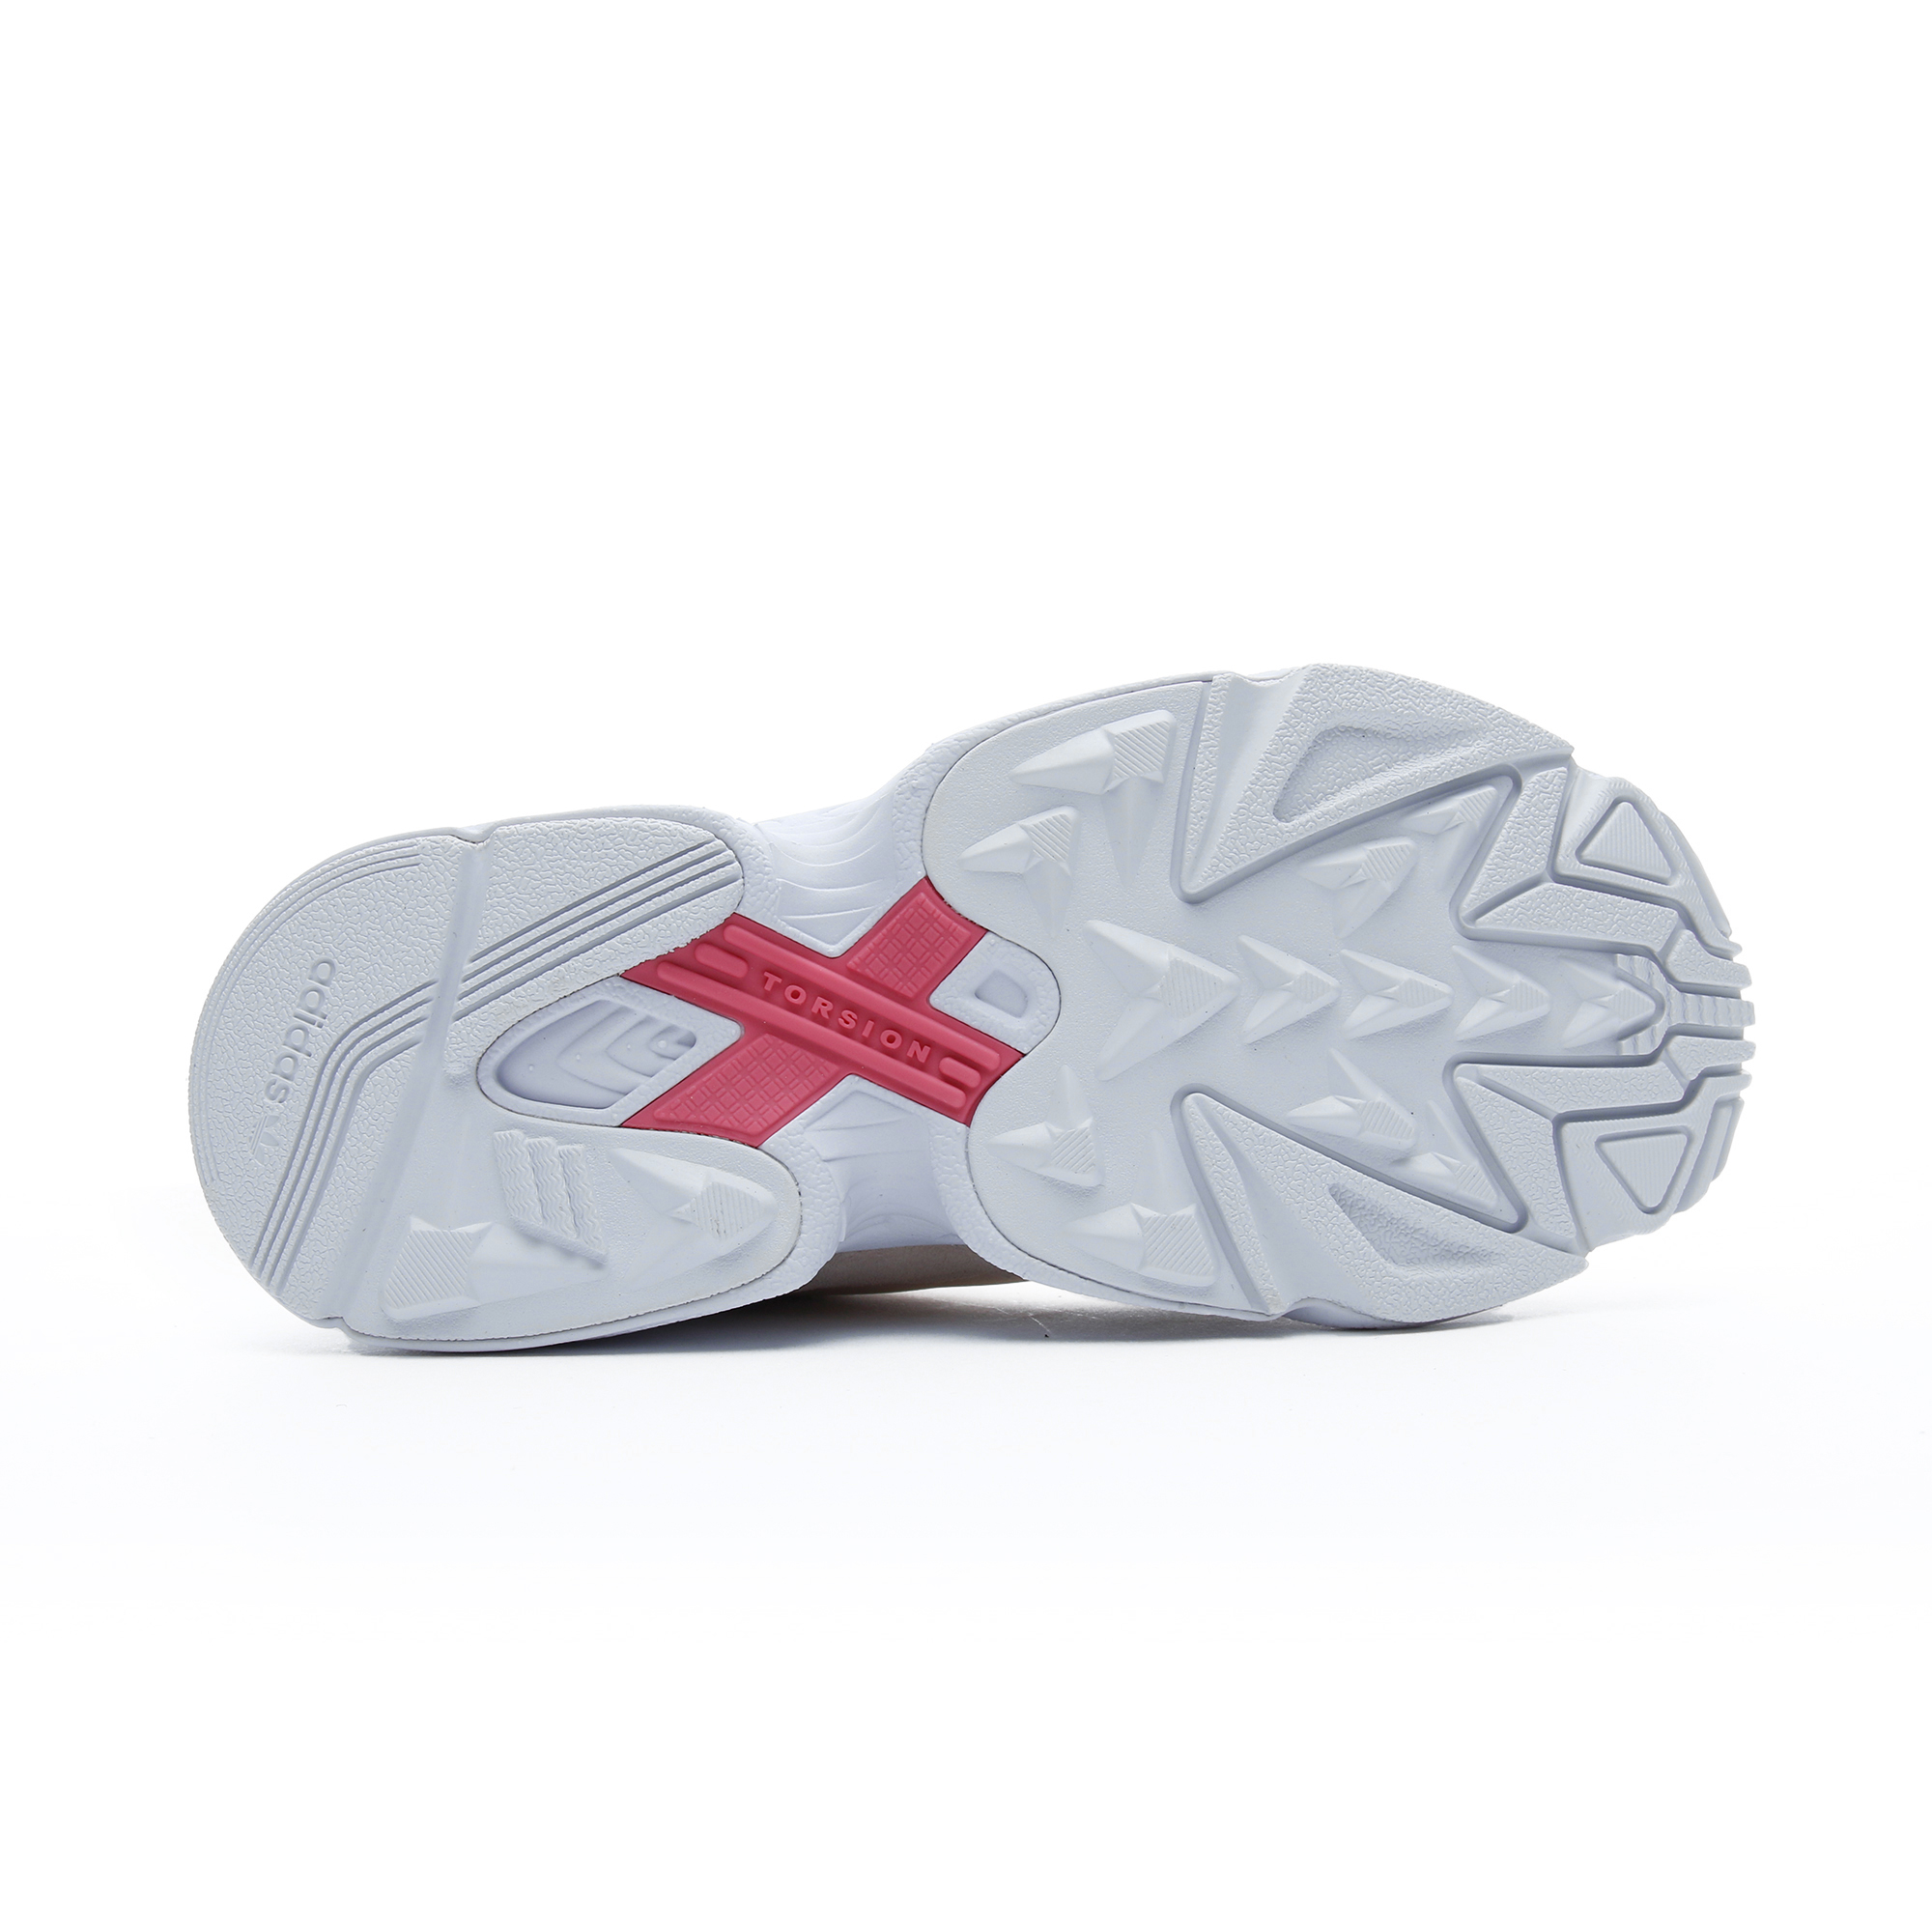 adidas Falcon Kadın Bej Spor Ayakkabı